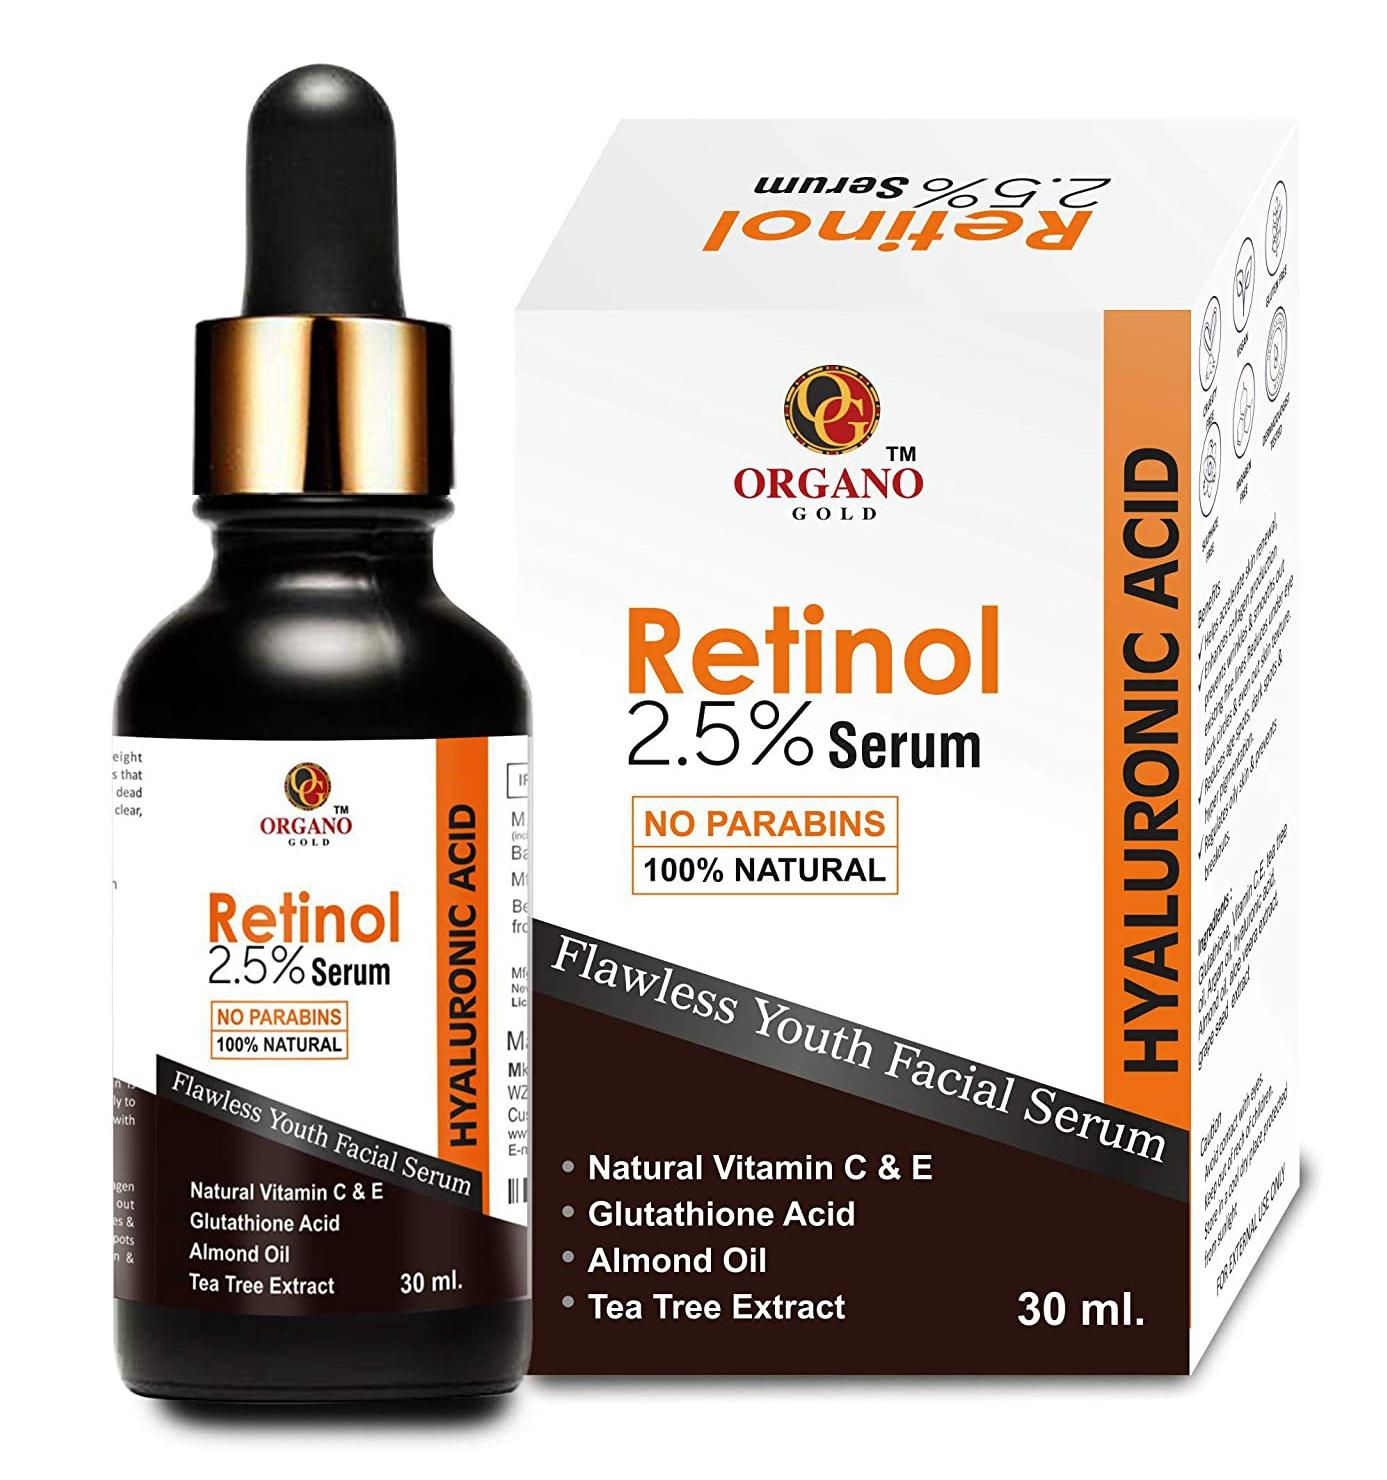 Organo Retinol Serum